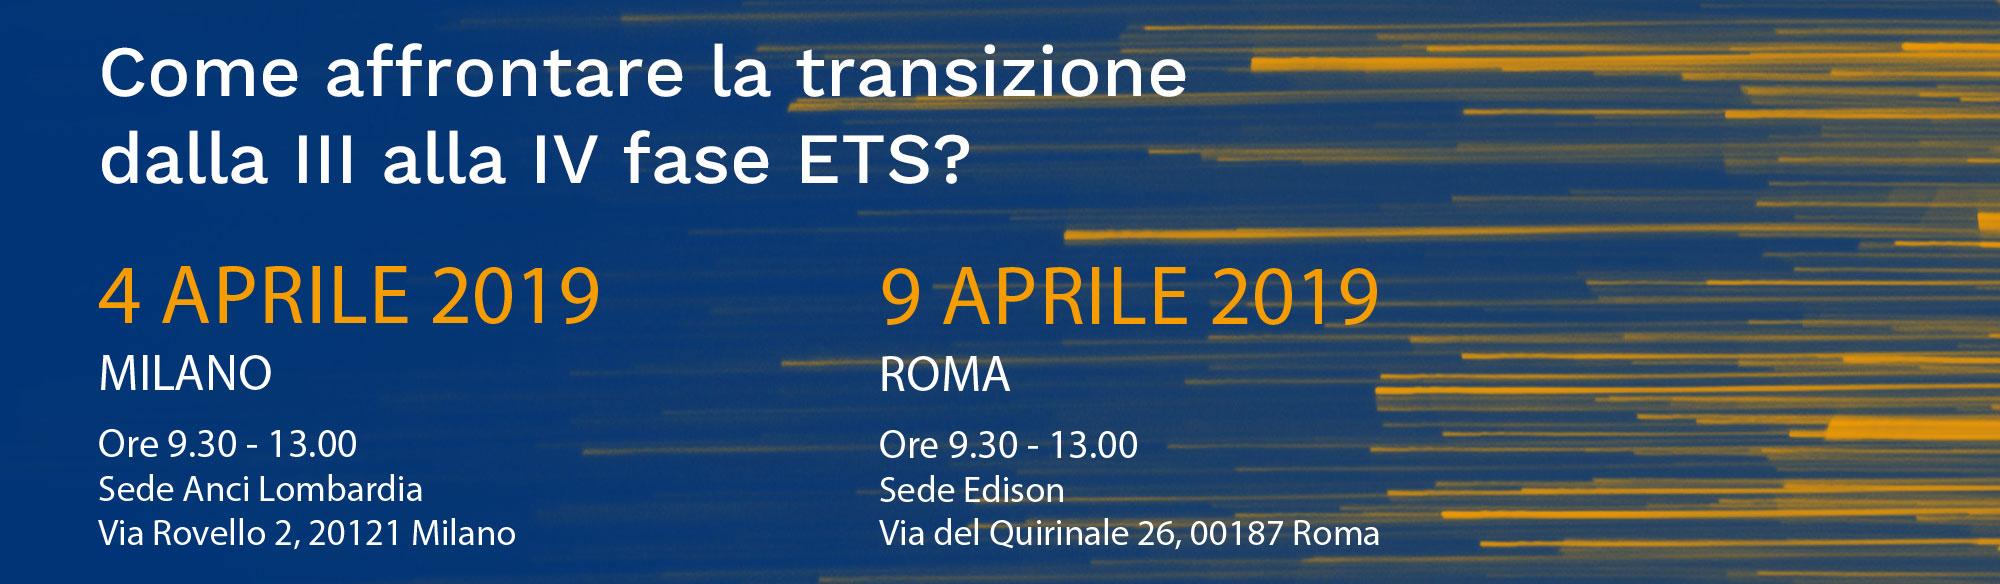 Affrontare la transazione dalla 3 alla 4 fase ETS